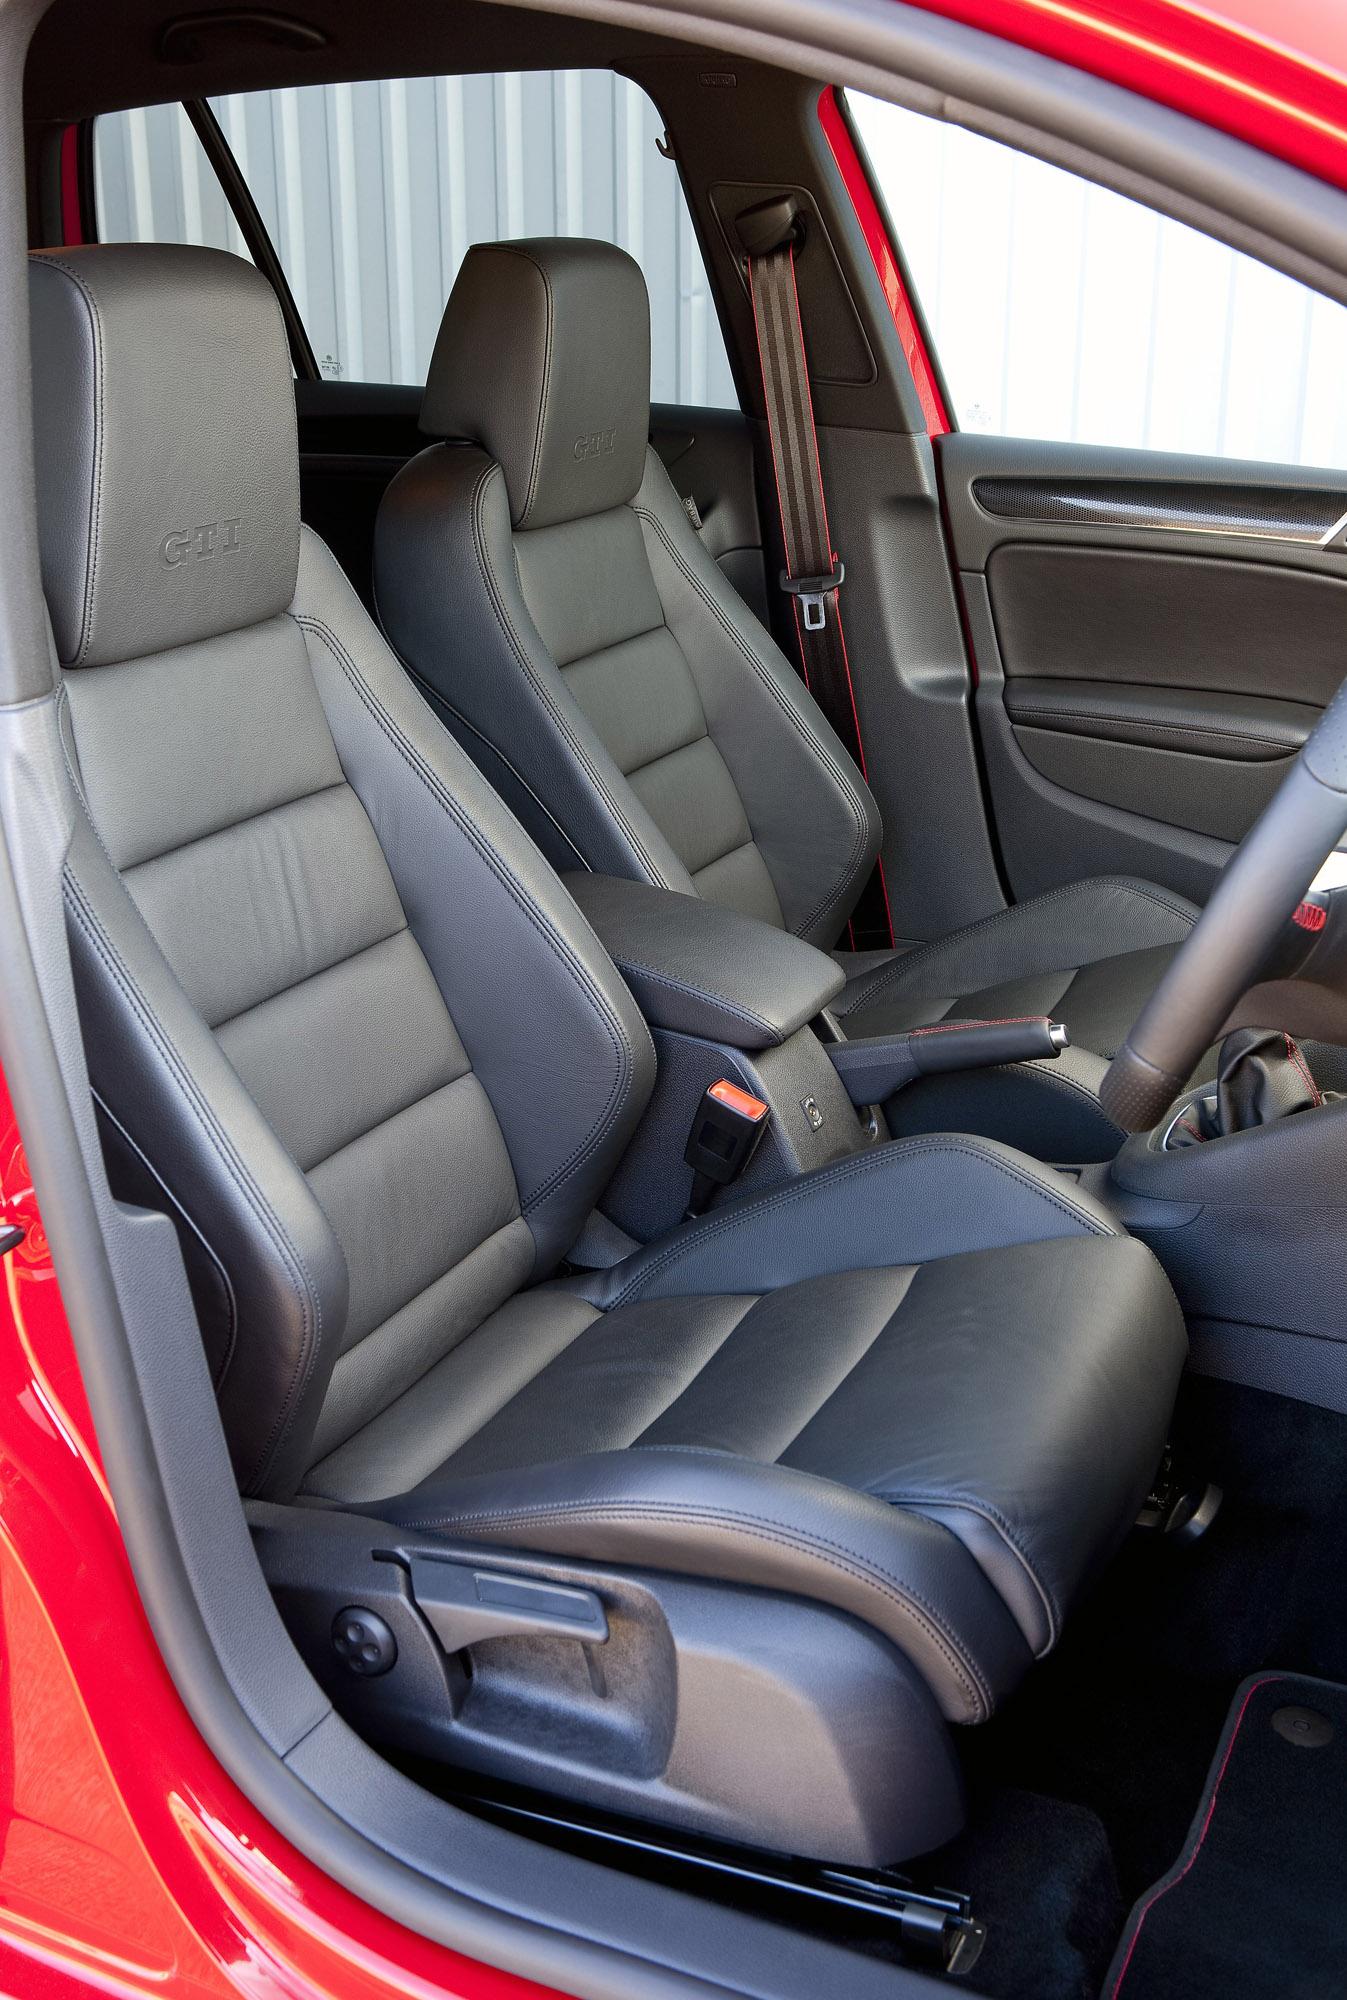 2012 Volkswagen Golf Vi Gti Price 163 25 305